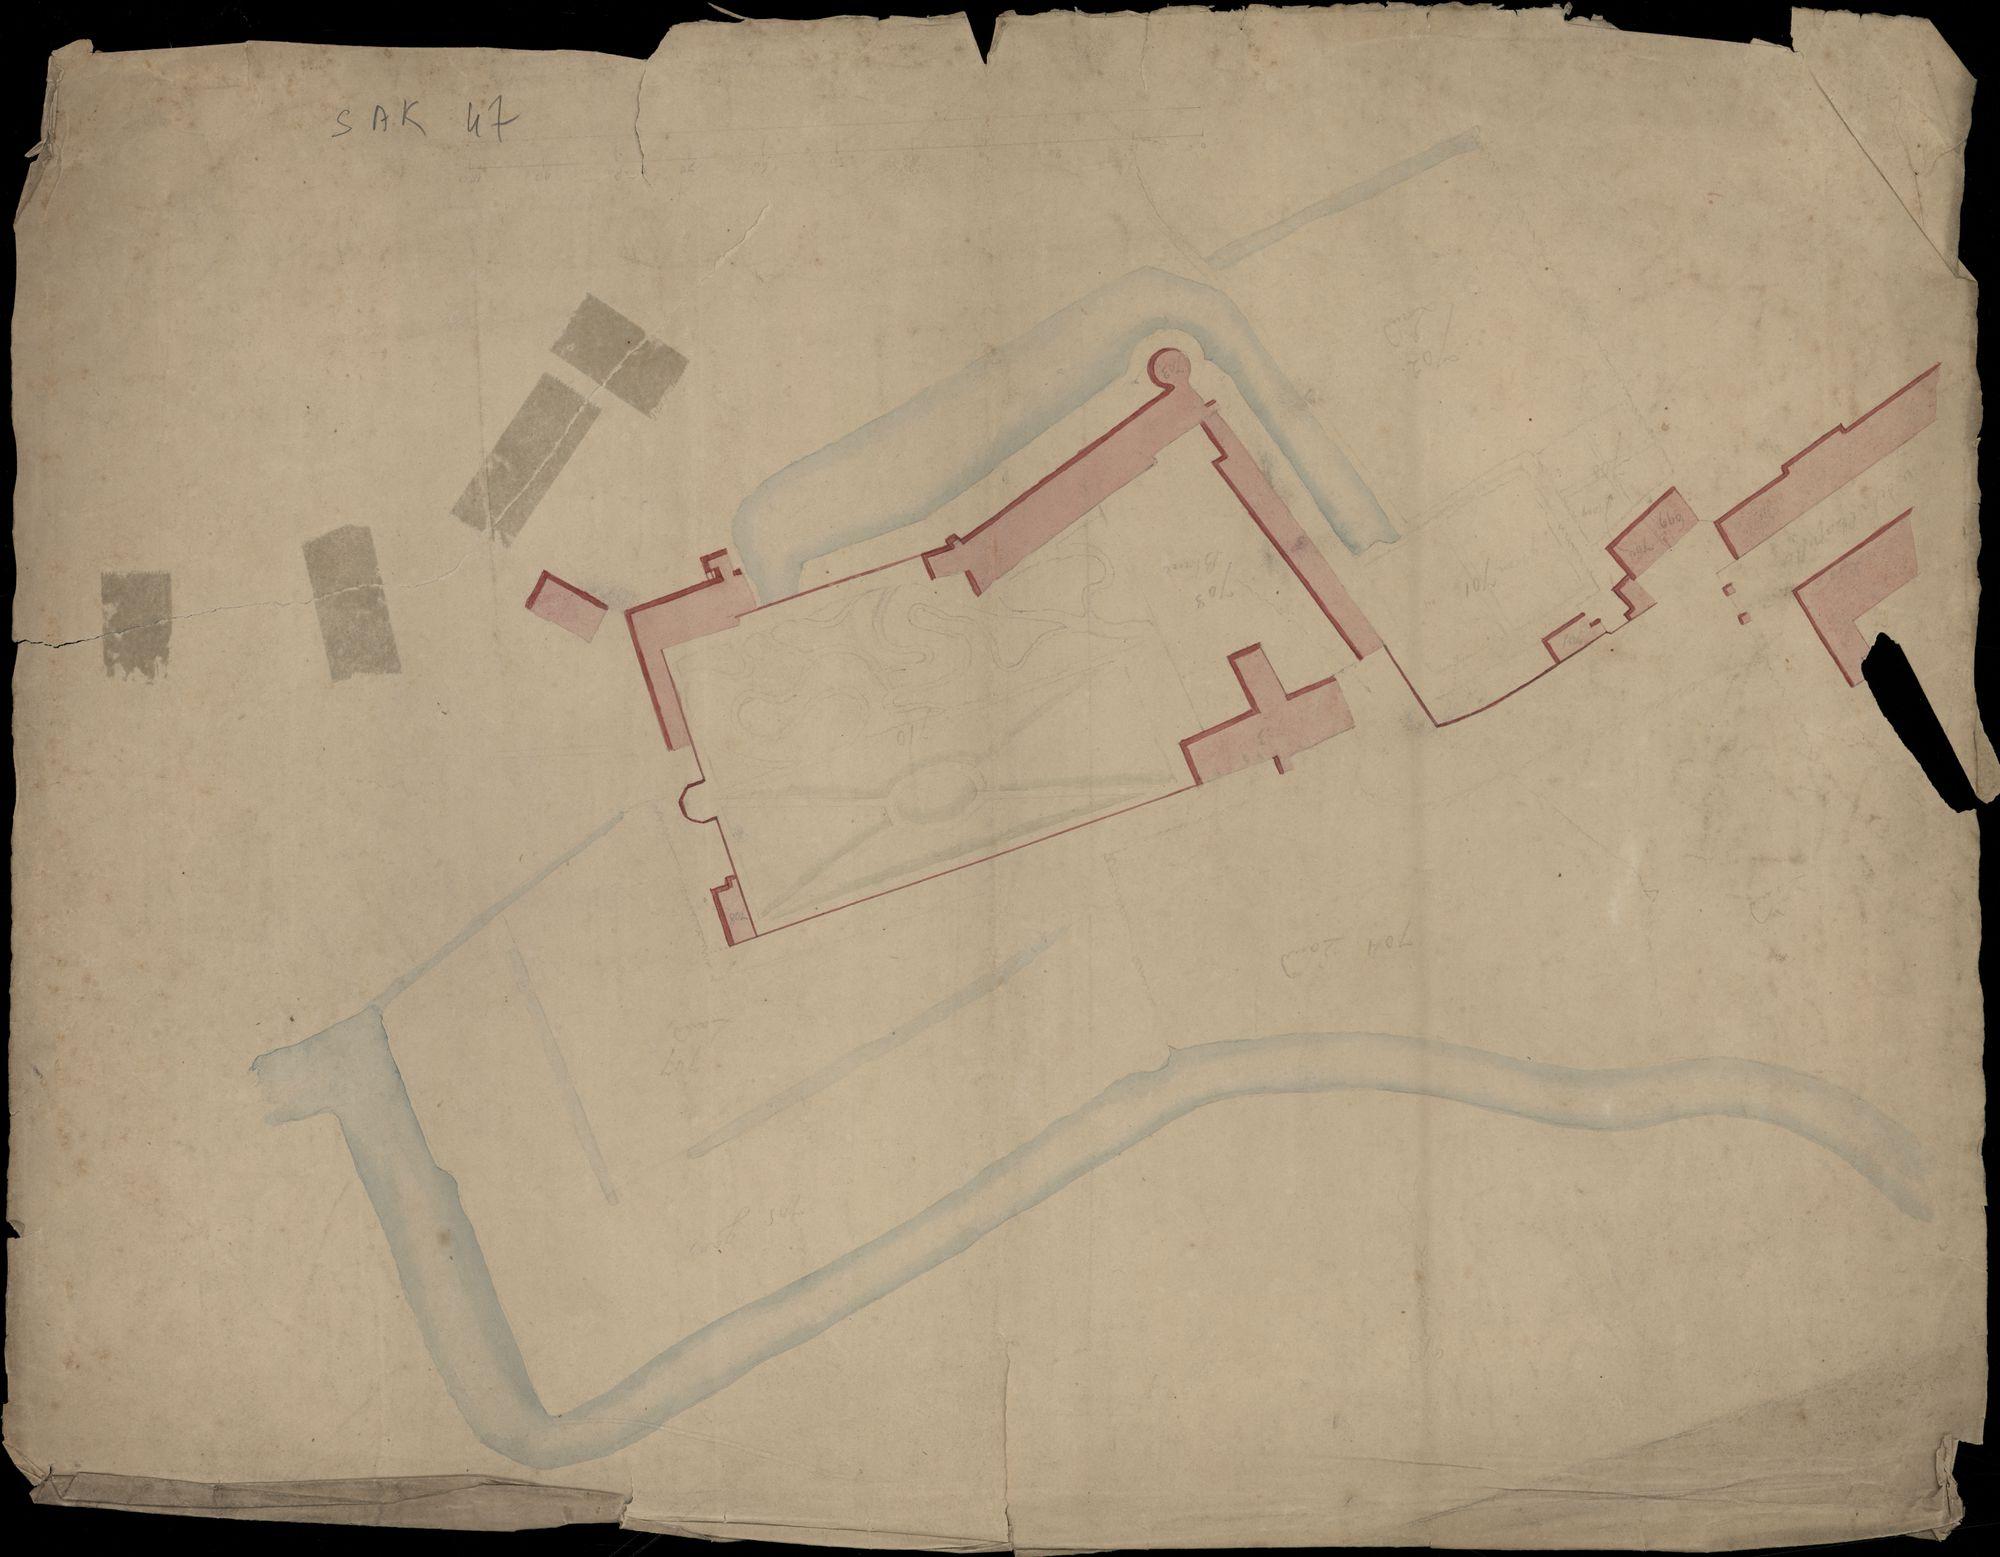 Plattegrond van een deel van de vroegere vestingen van de stad Kortrijk, 19de eeuw